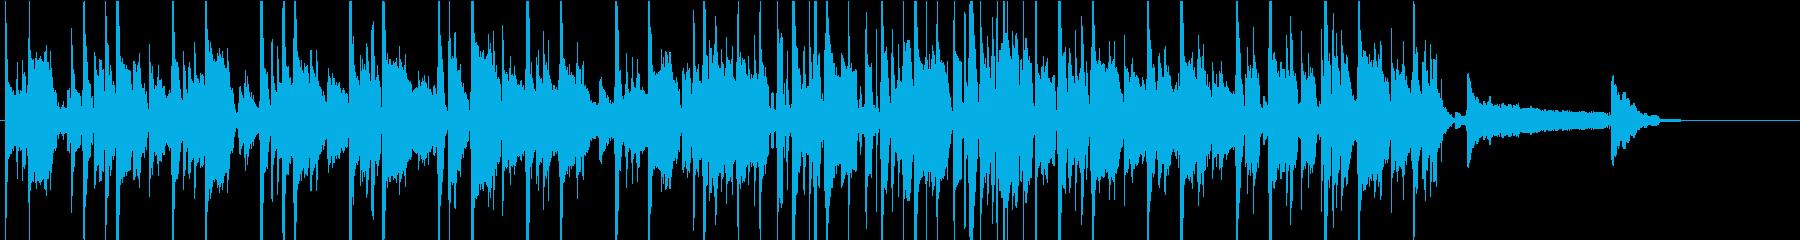 短め、爽やか、クリーントーンのエレキの再生済みの波形